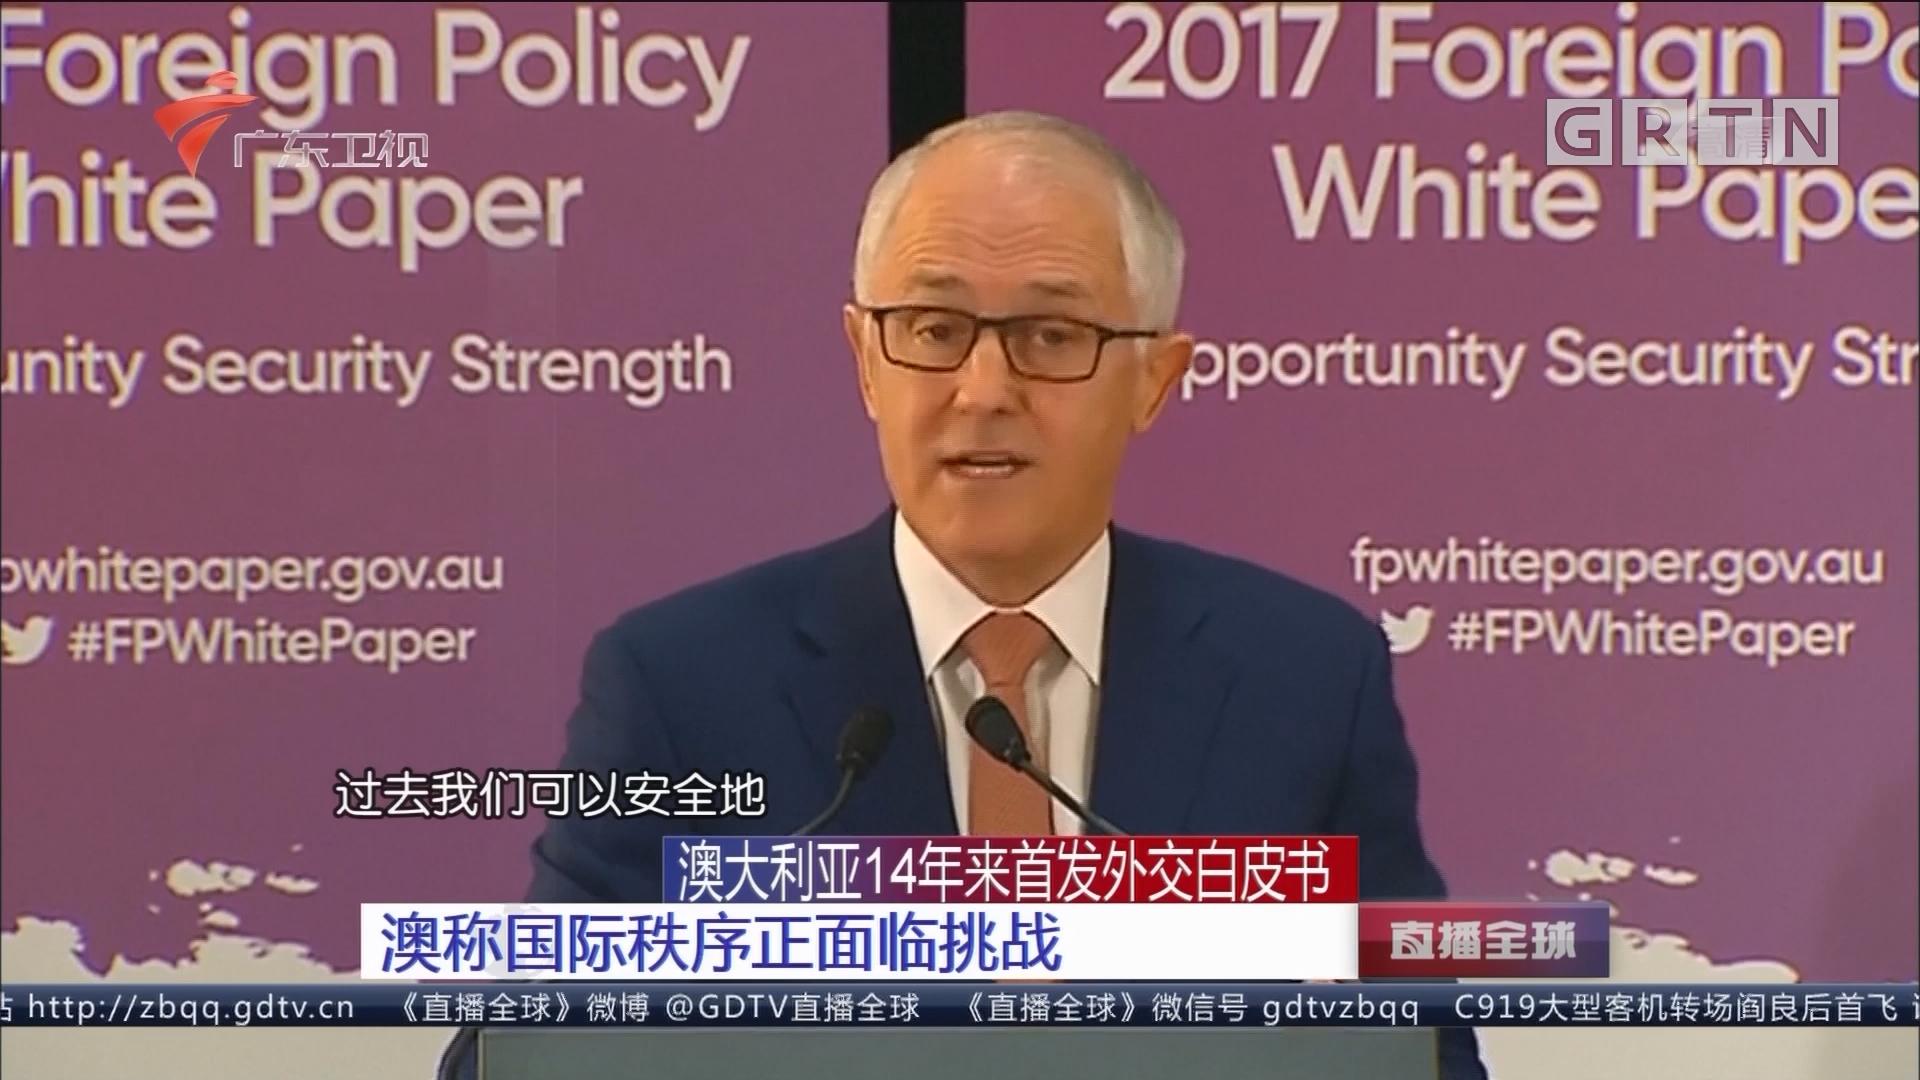 澳大利亚14年来首发外交白皮书:澳称国际秩序正面临挑战